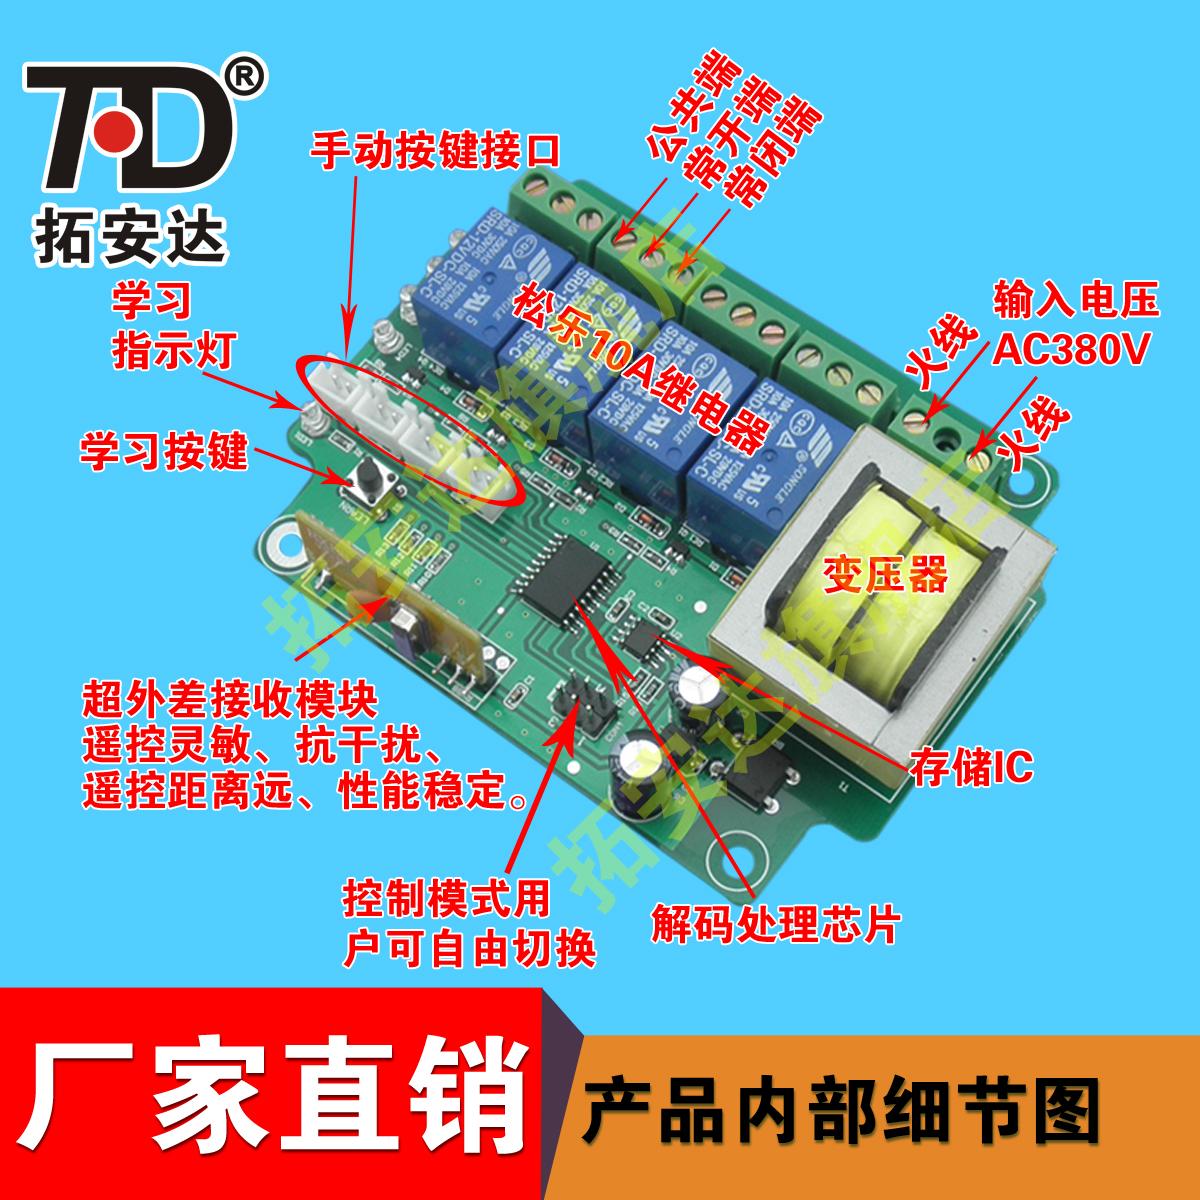 Control remoto de 380v radio control remoto camino reversible motor trifásico de cuatro bombas de agua controlador inalámbrico